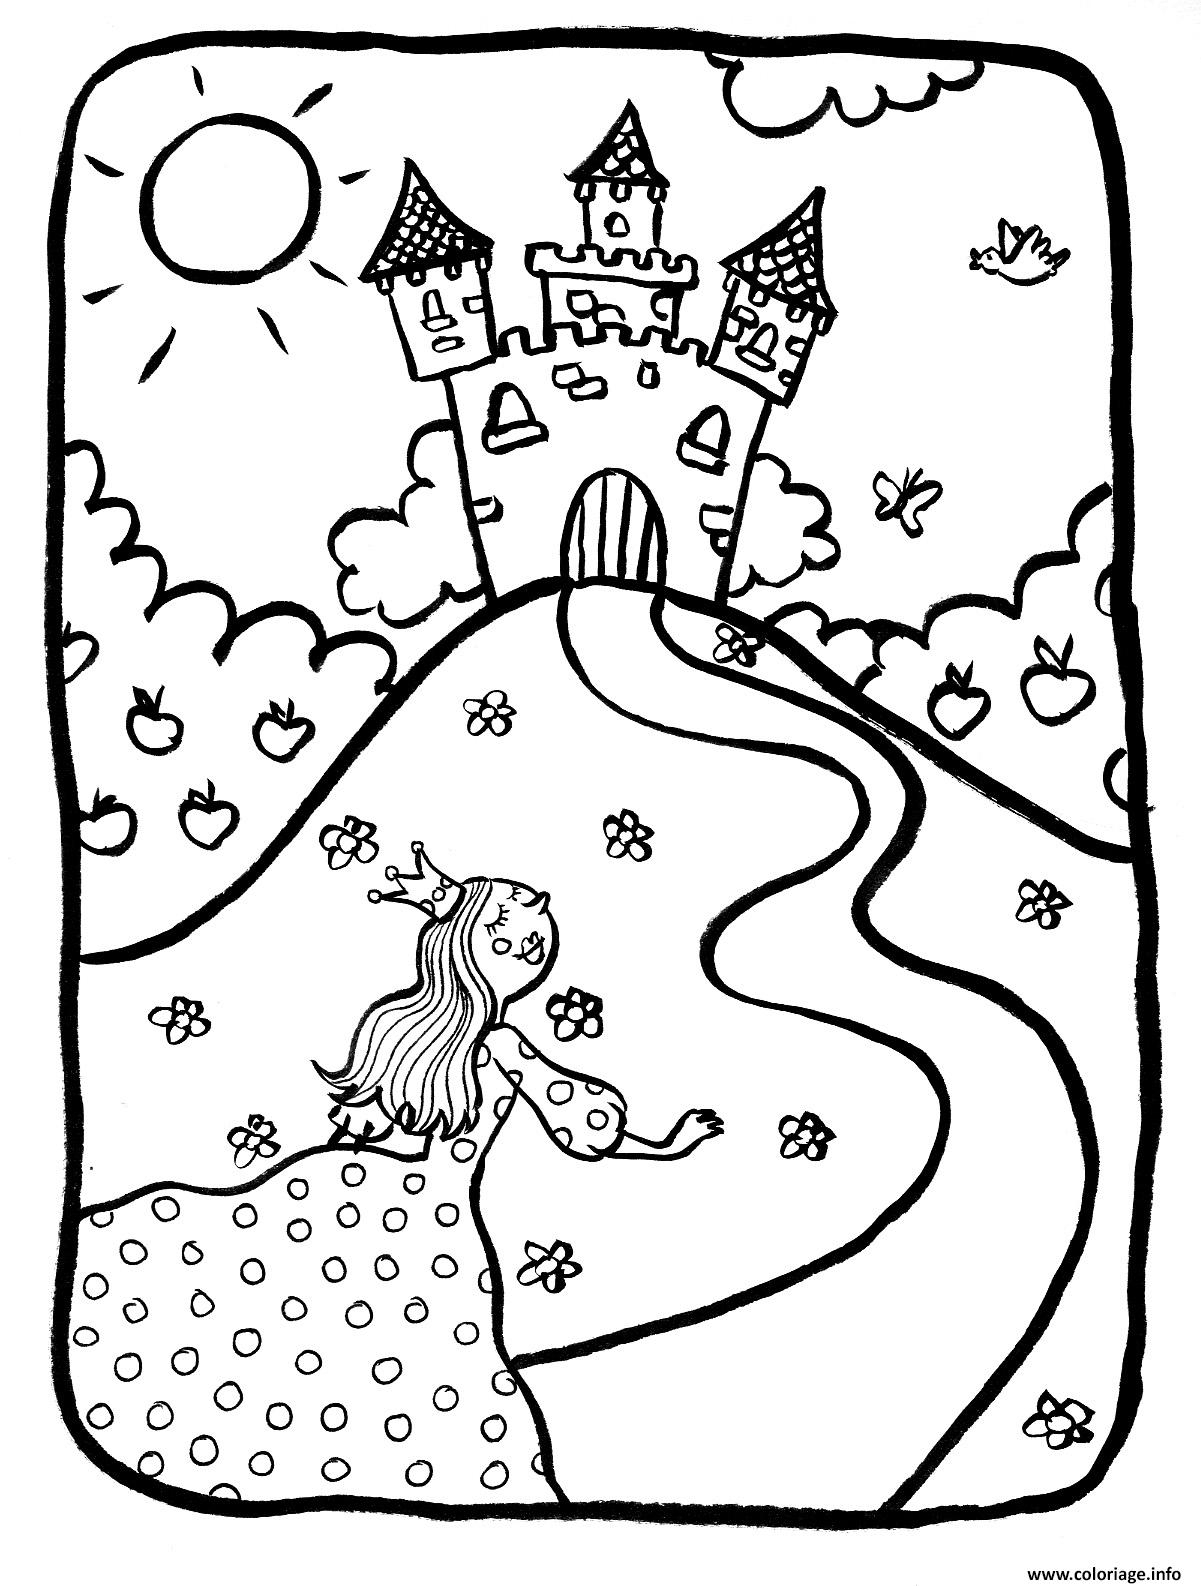 Coloriage Dessin Chateaux Avec Princesse Dessin concernant Chateau De Princesse Dessin